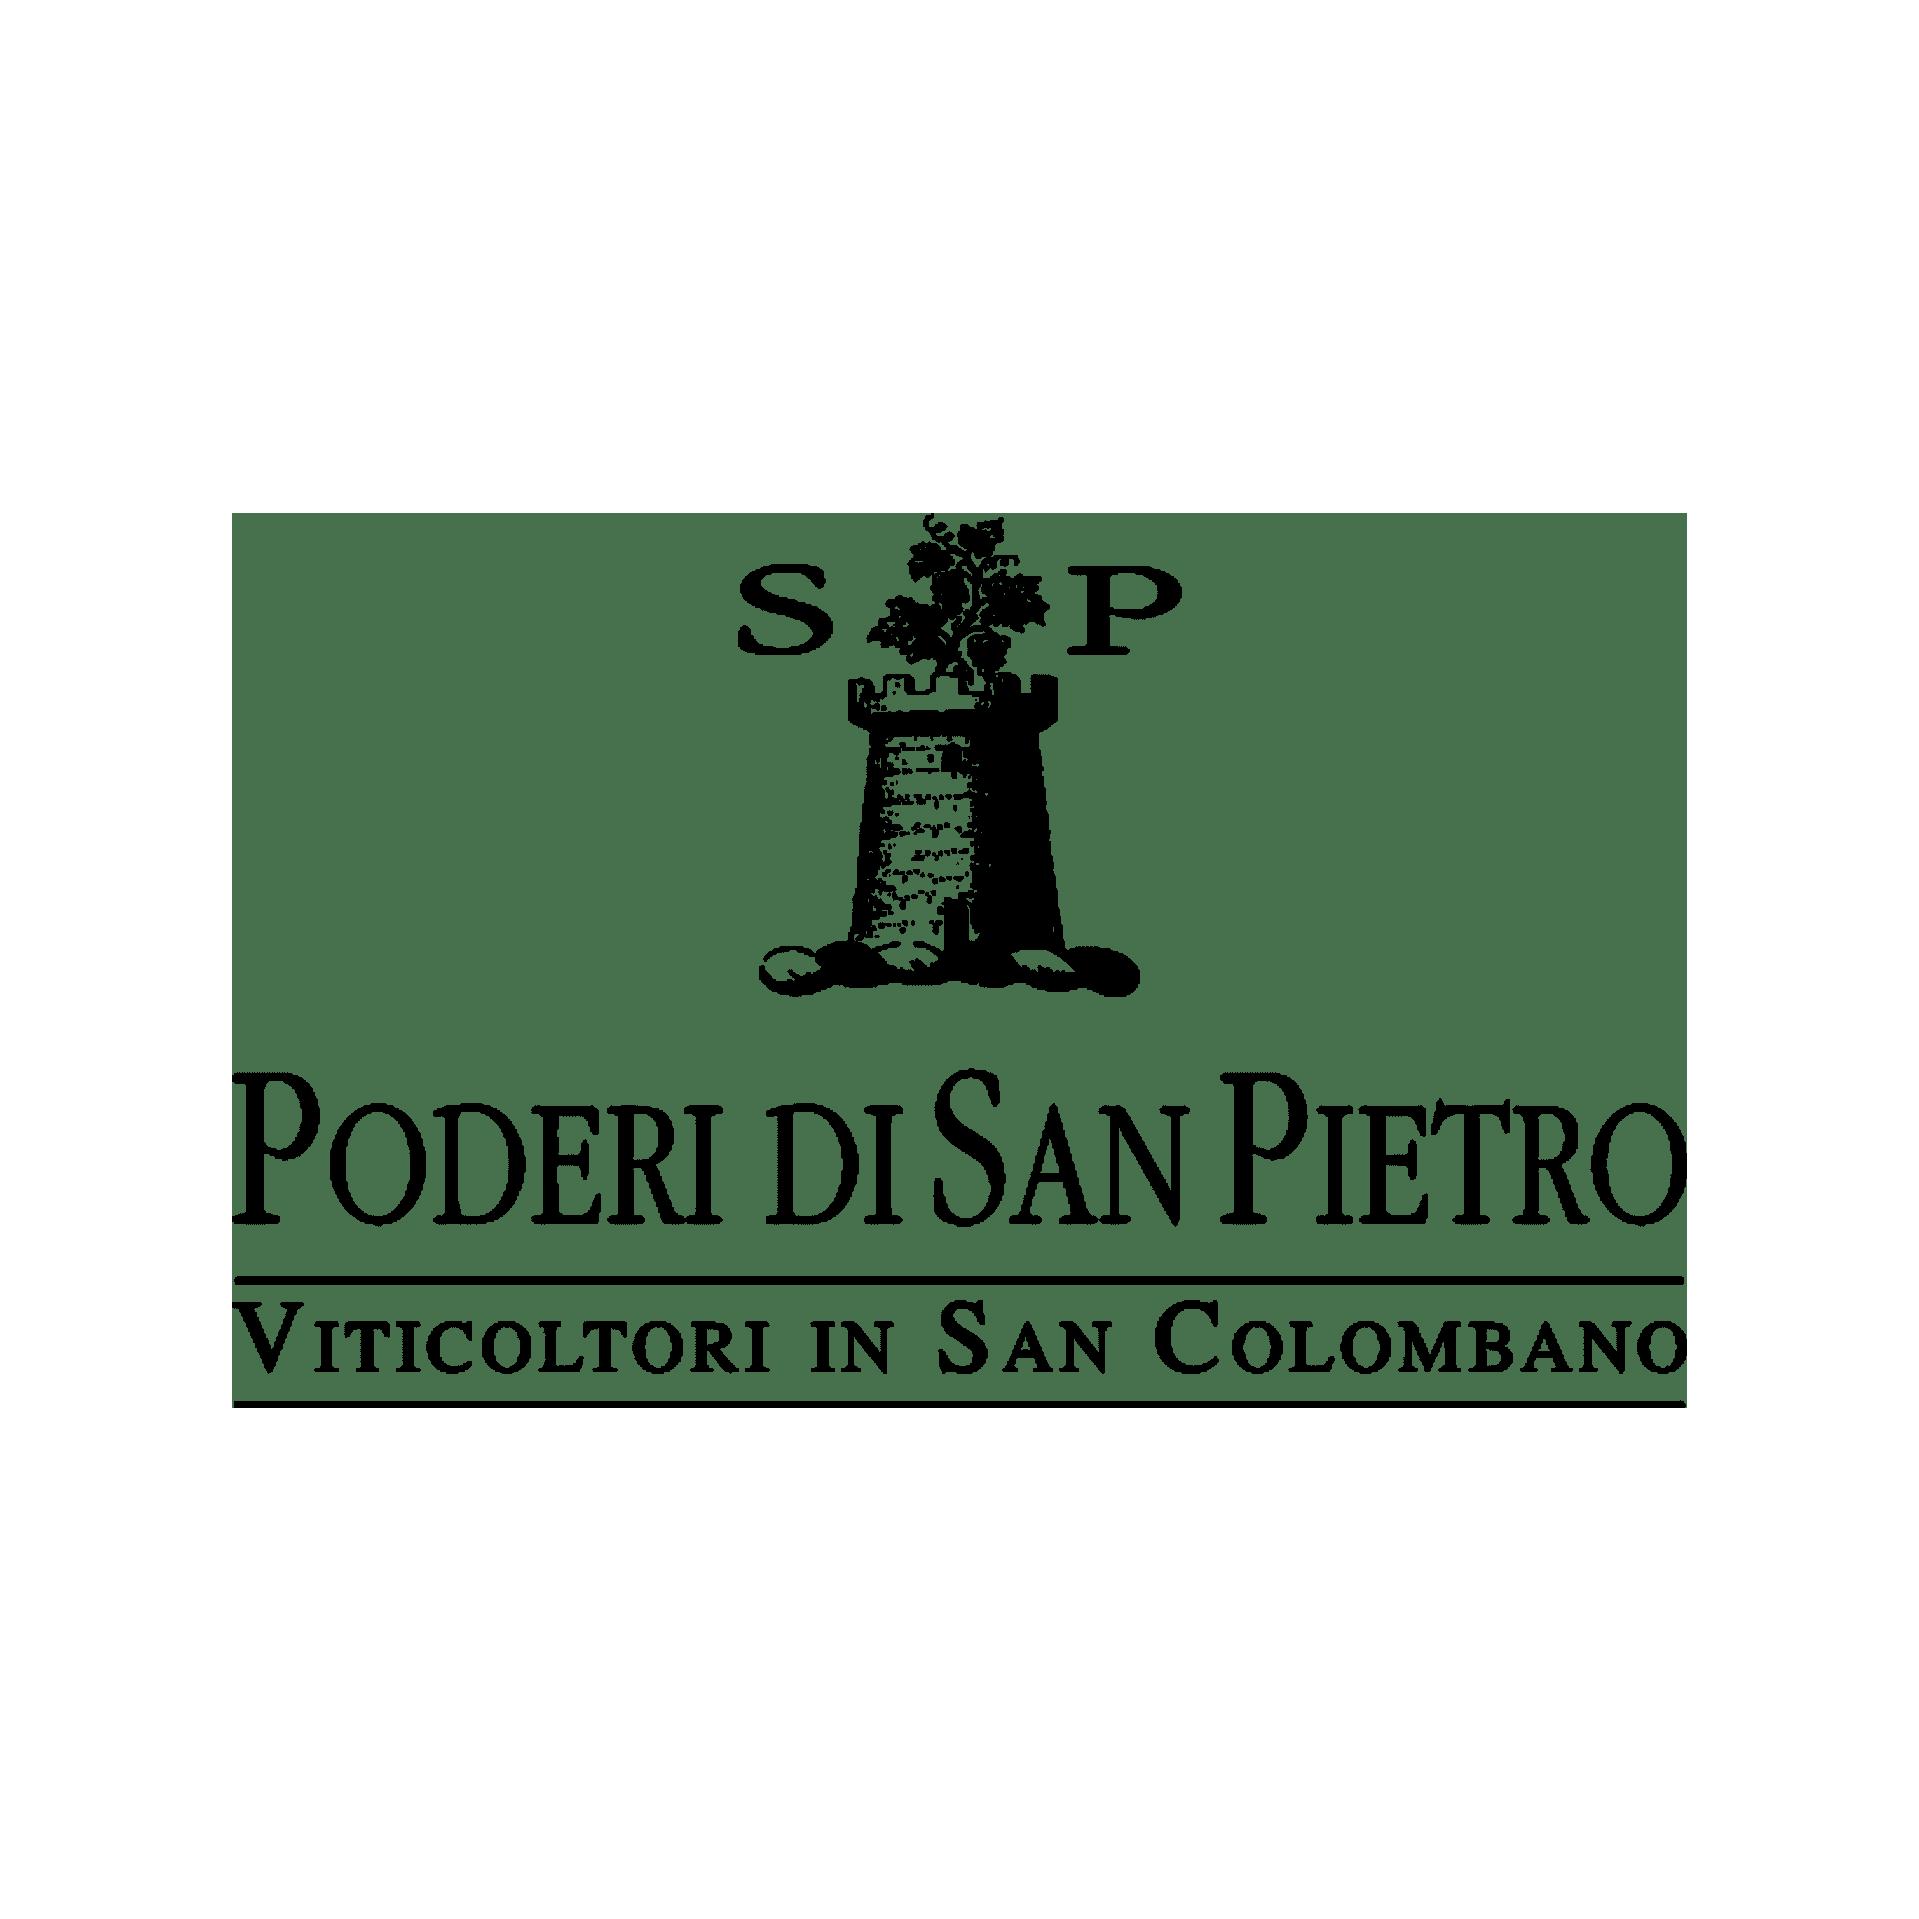 Poderi San Pietro